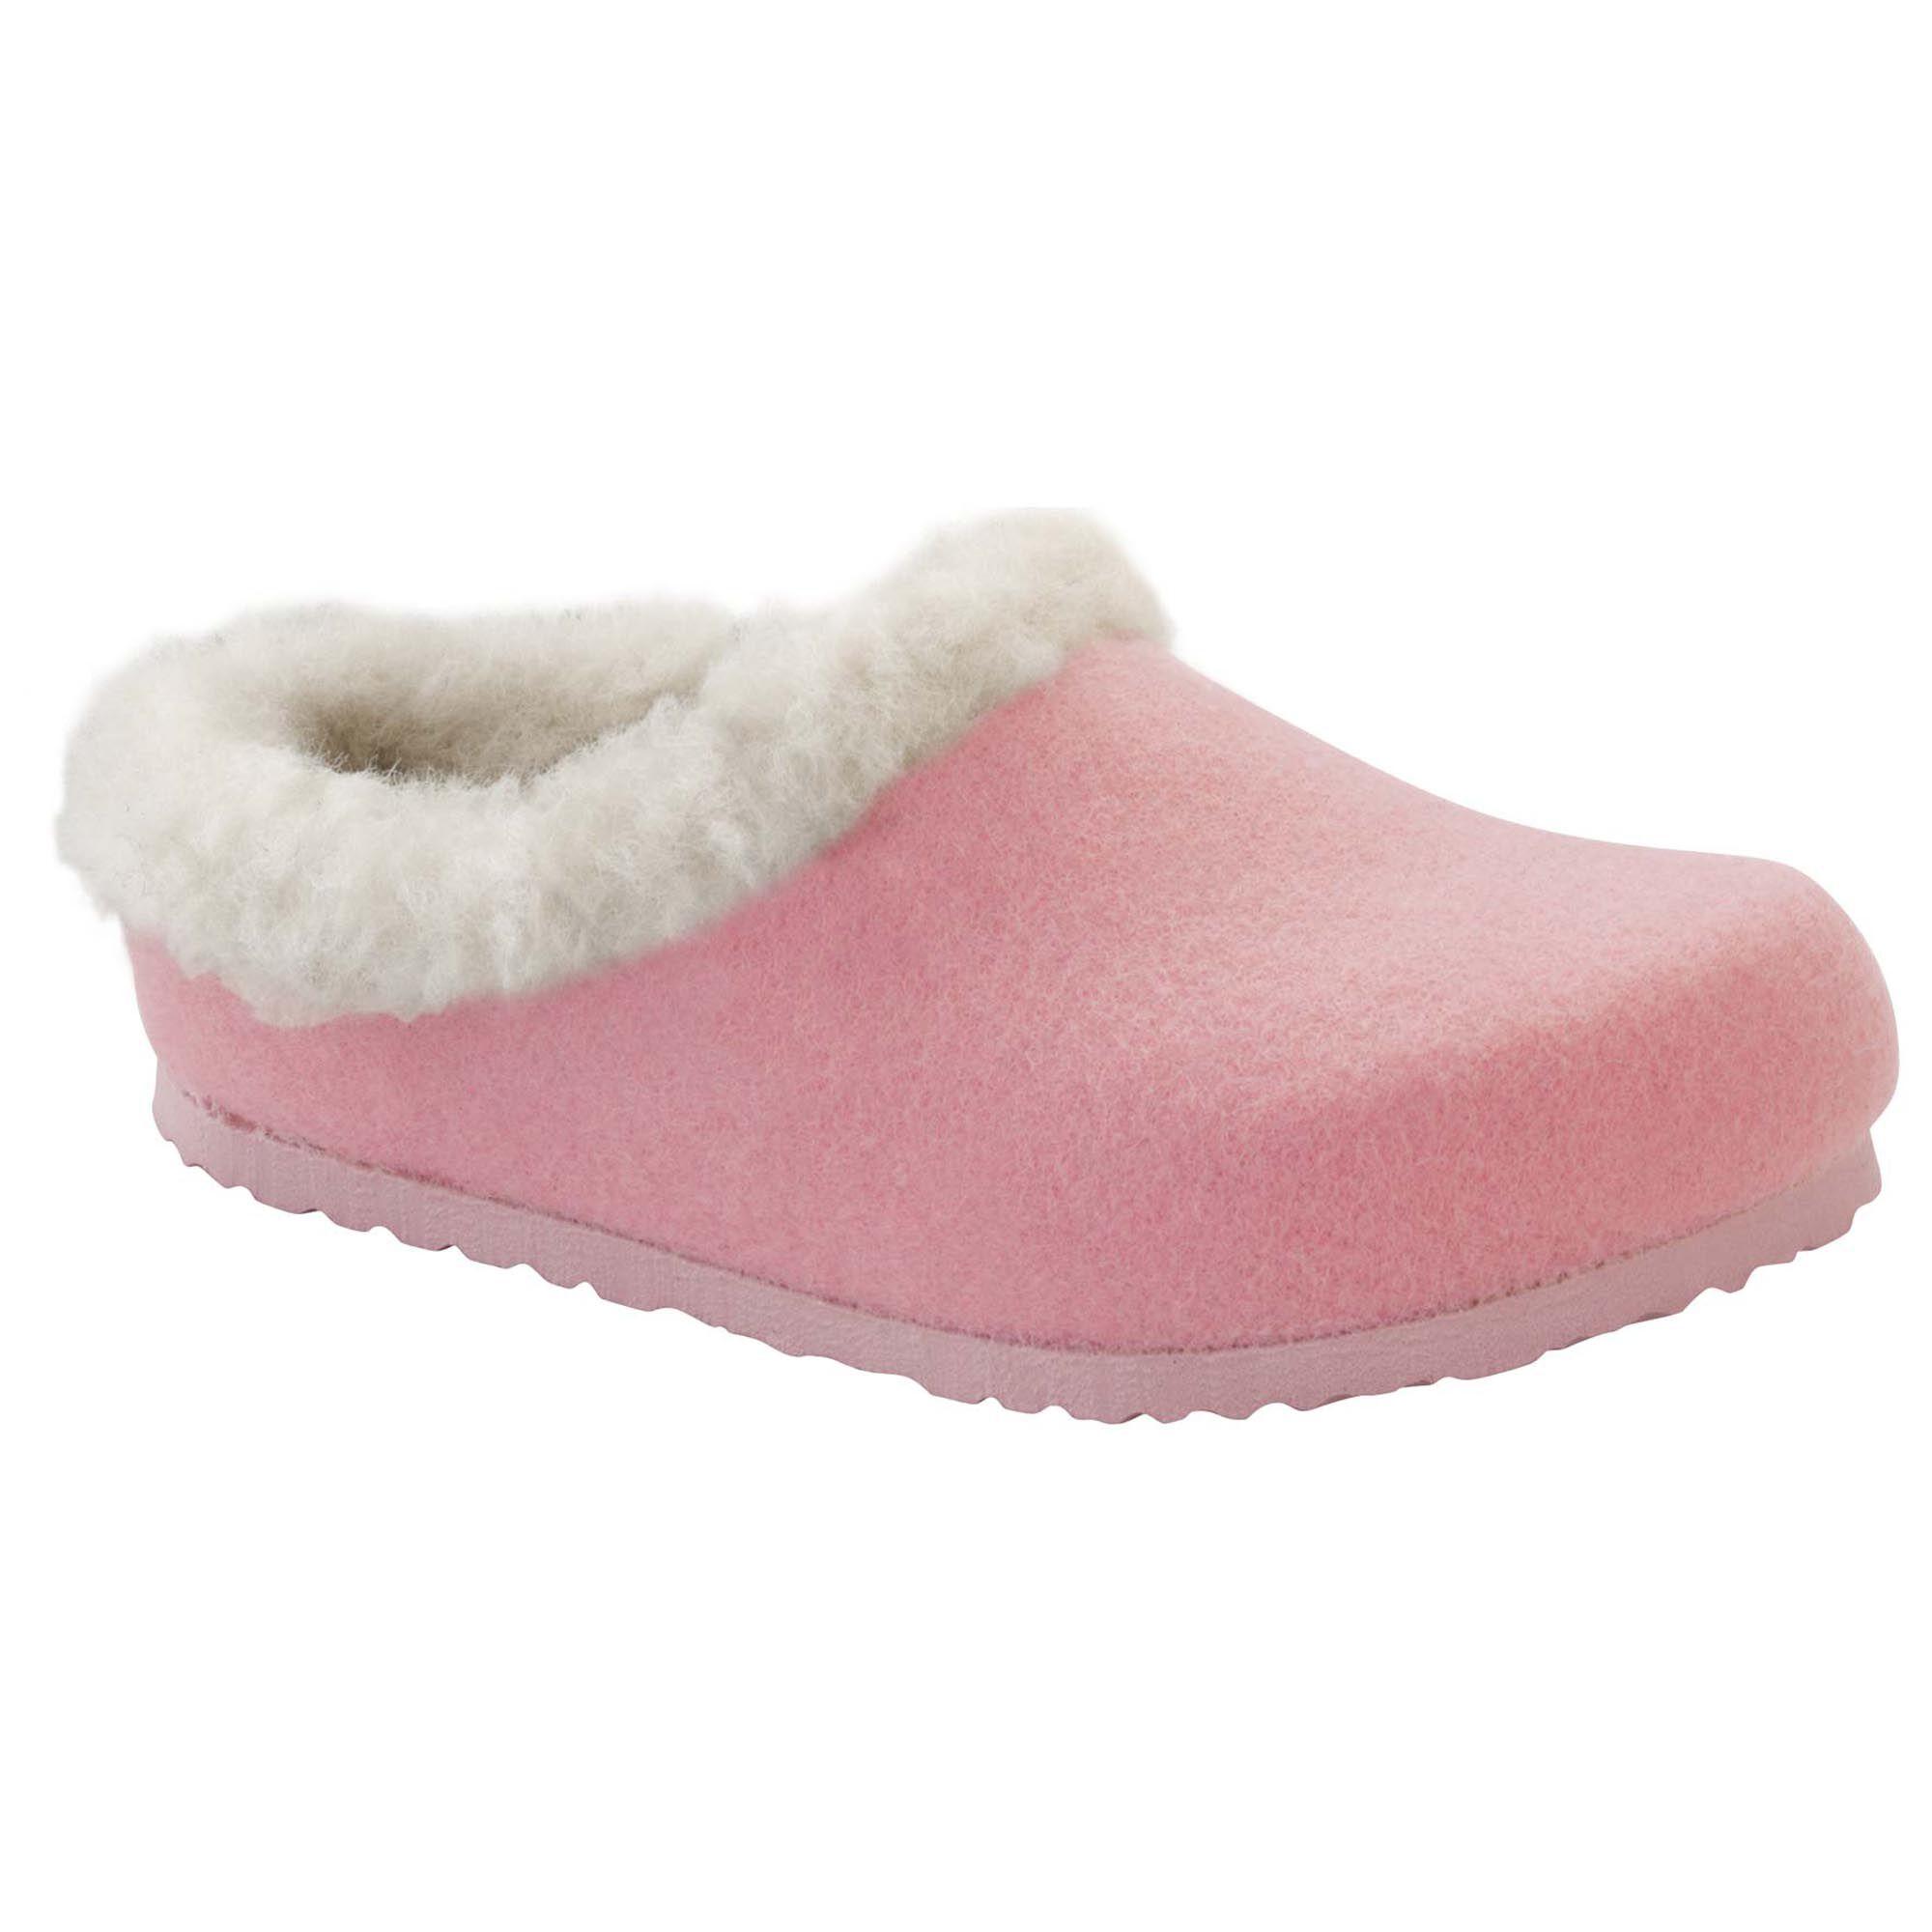 BIRKENSTOCK Kaprun Wool Felt Rose Happy Lamb Beige